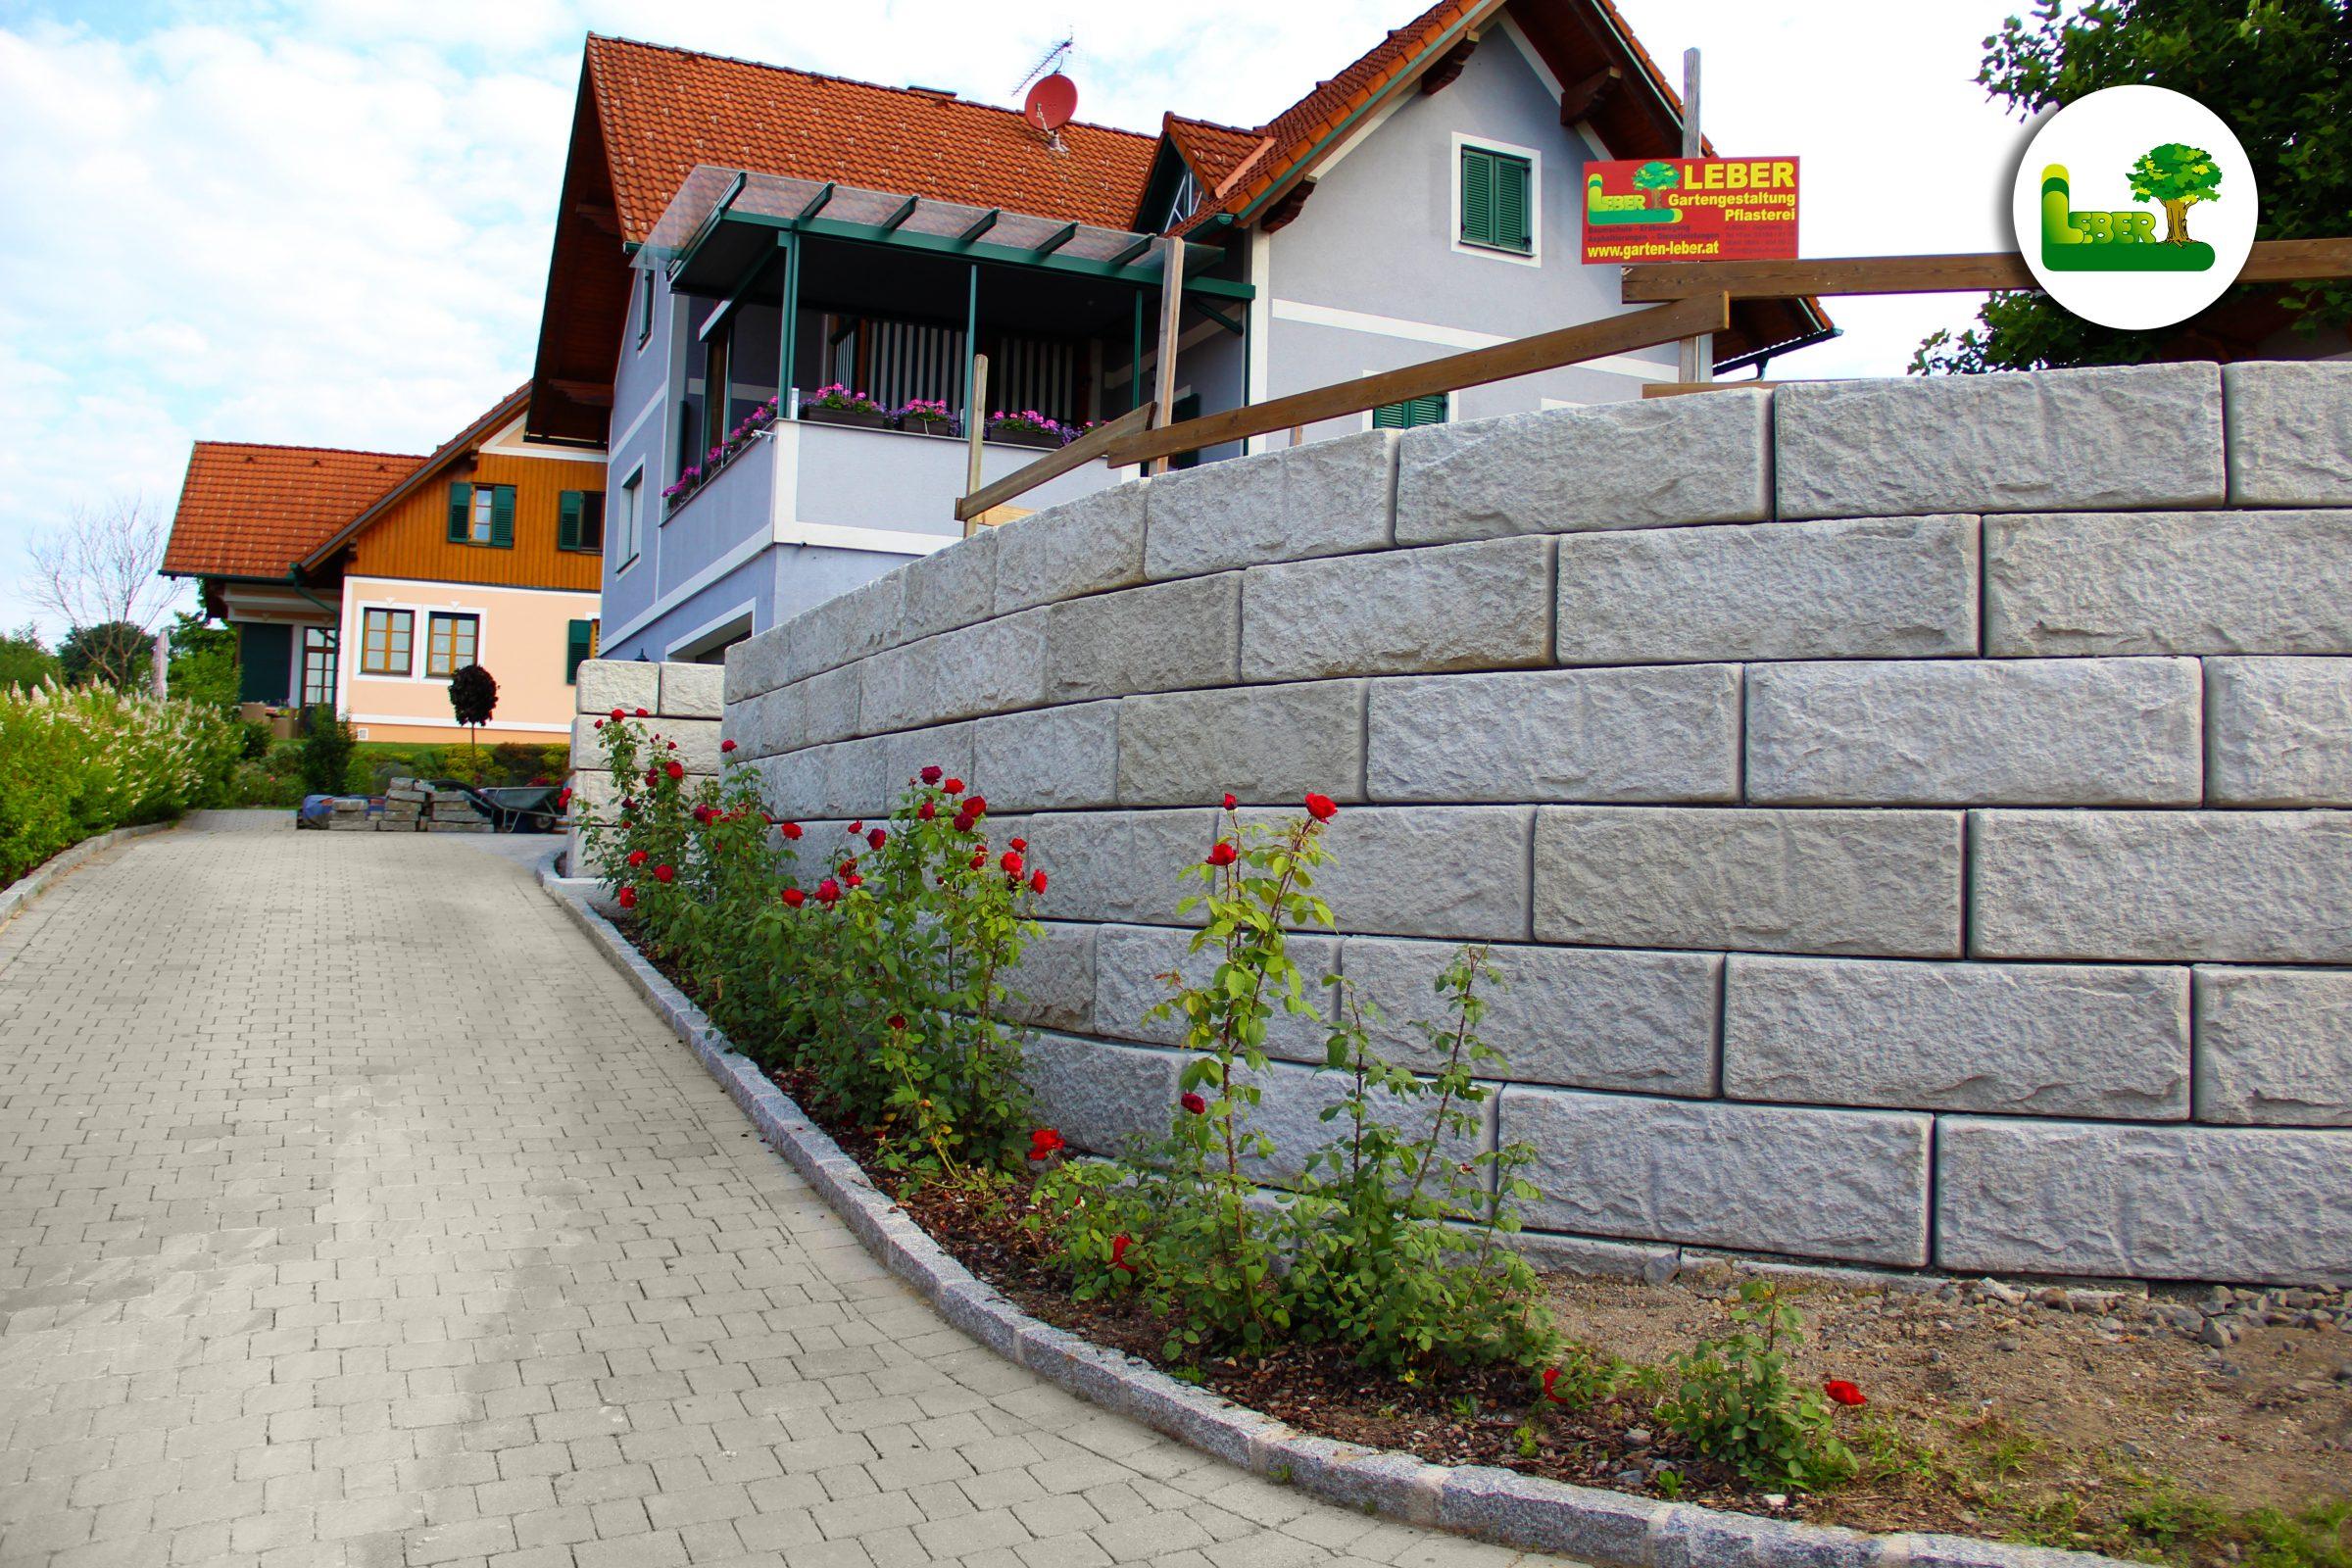 Steinmauer Mit U201eSW ReCon Stützwandsystemu201c.  Garten Leber